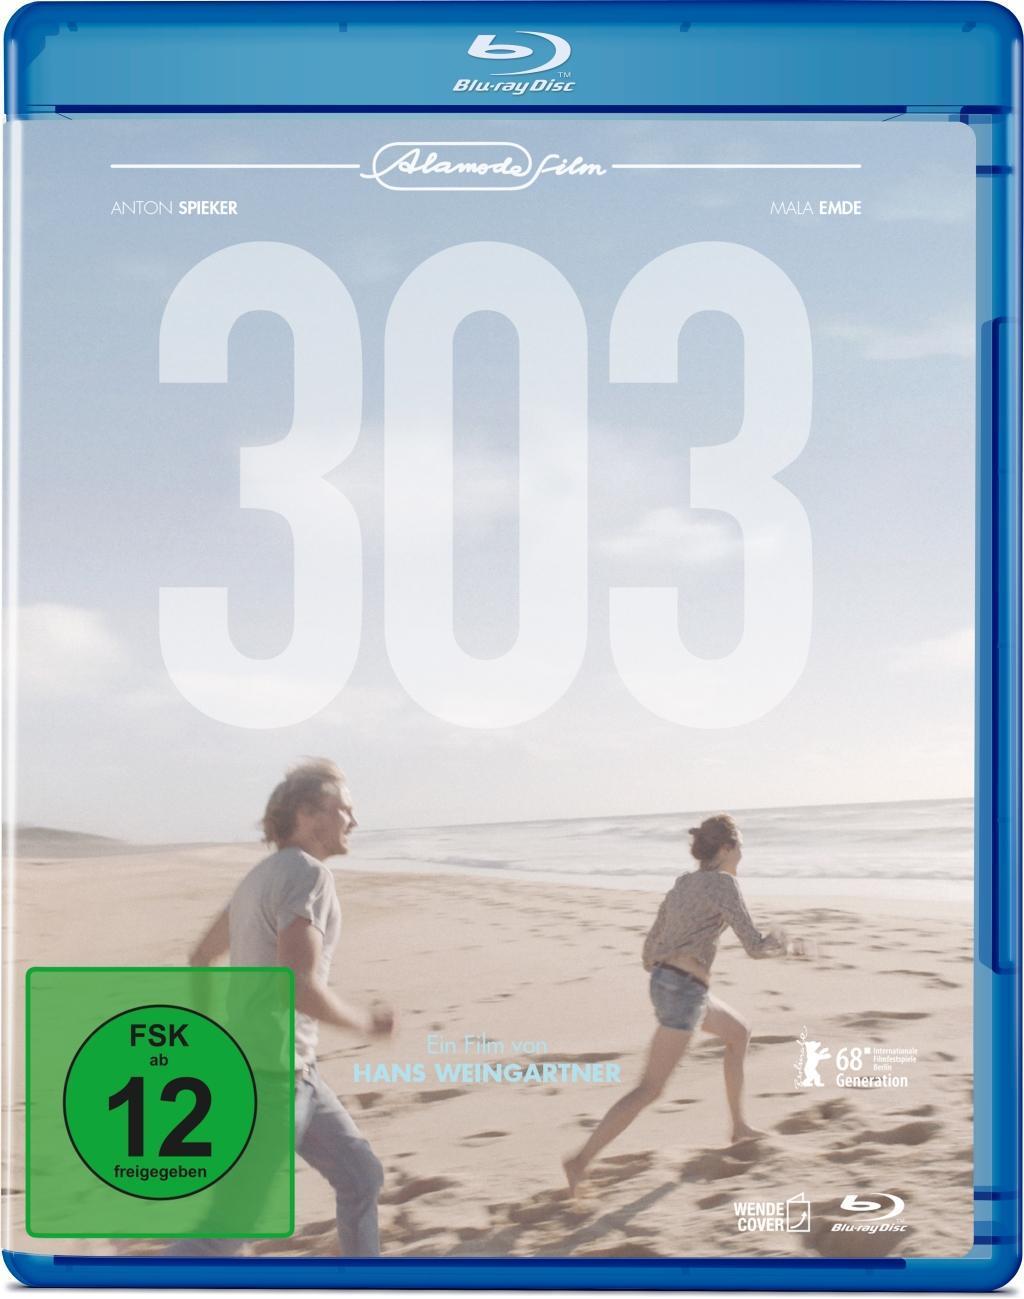 303  Hans Weingartner  Blu-ray Disc  Deutsch  2018